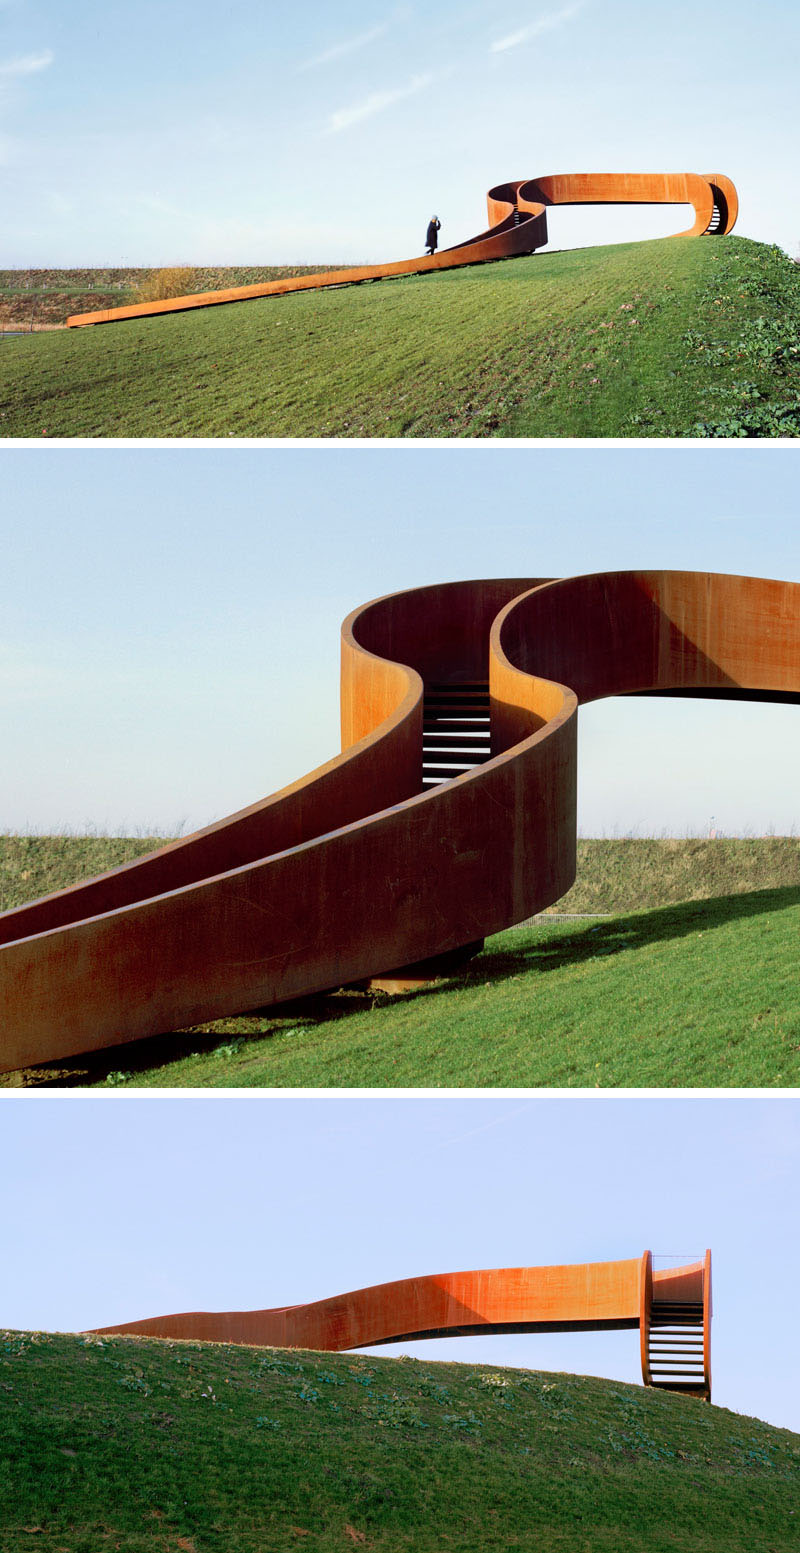 طراحی مجسمه شهری فولادی در هلند - Steel Public Sculpture 2